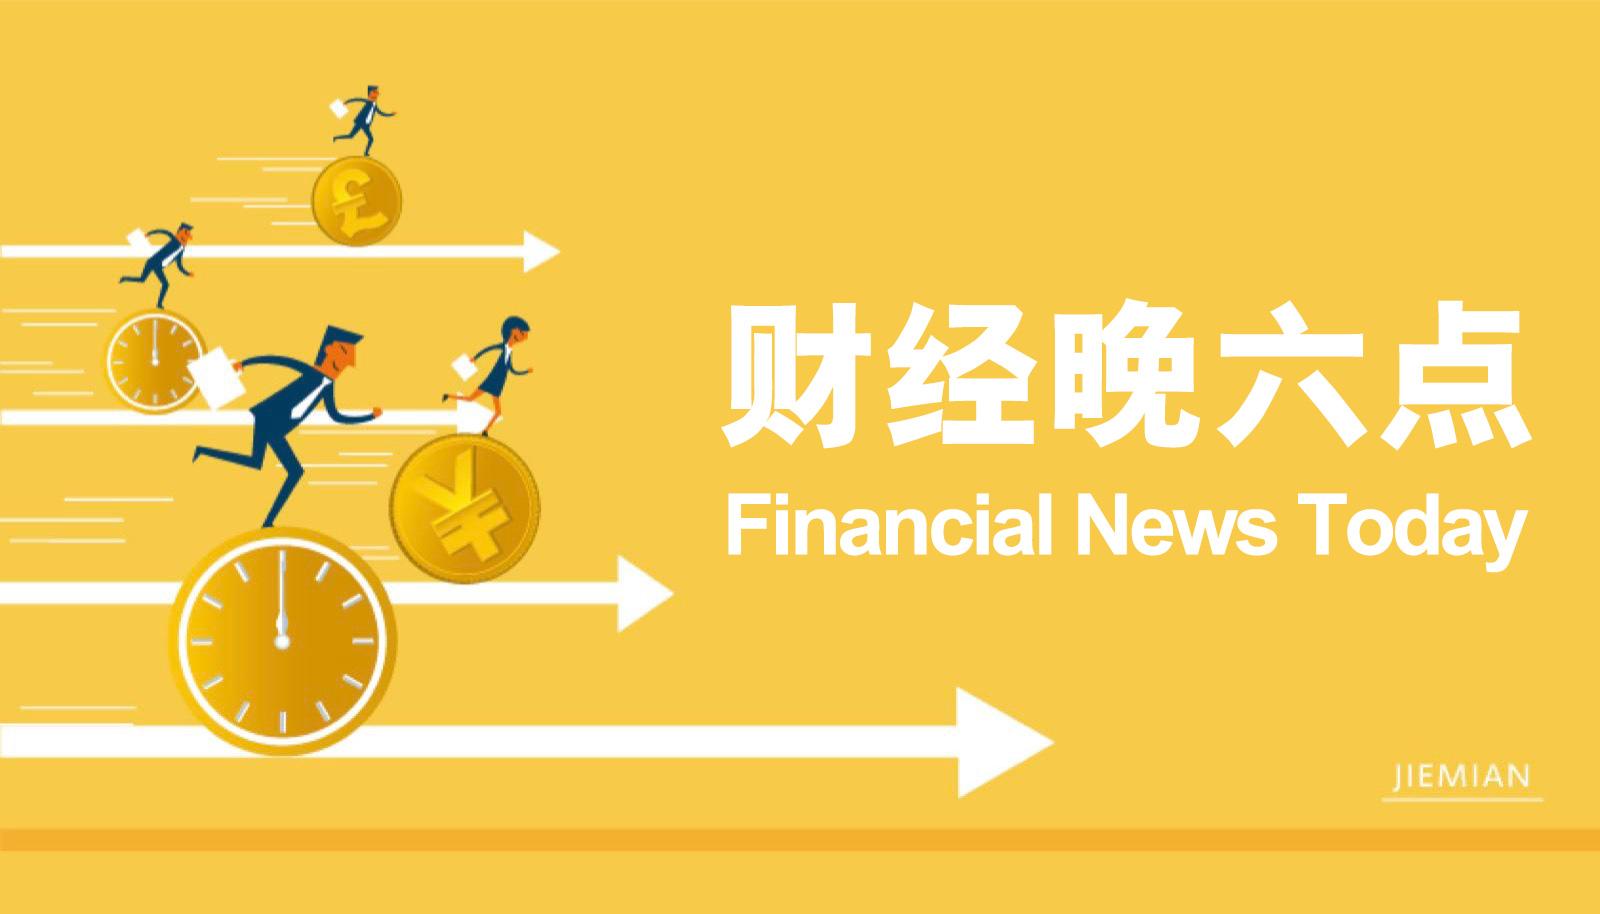 发改委将制定共同富裕行动纲要 北京地铁对二孩三孩免票 | 财经晚6点